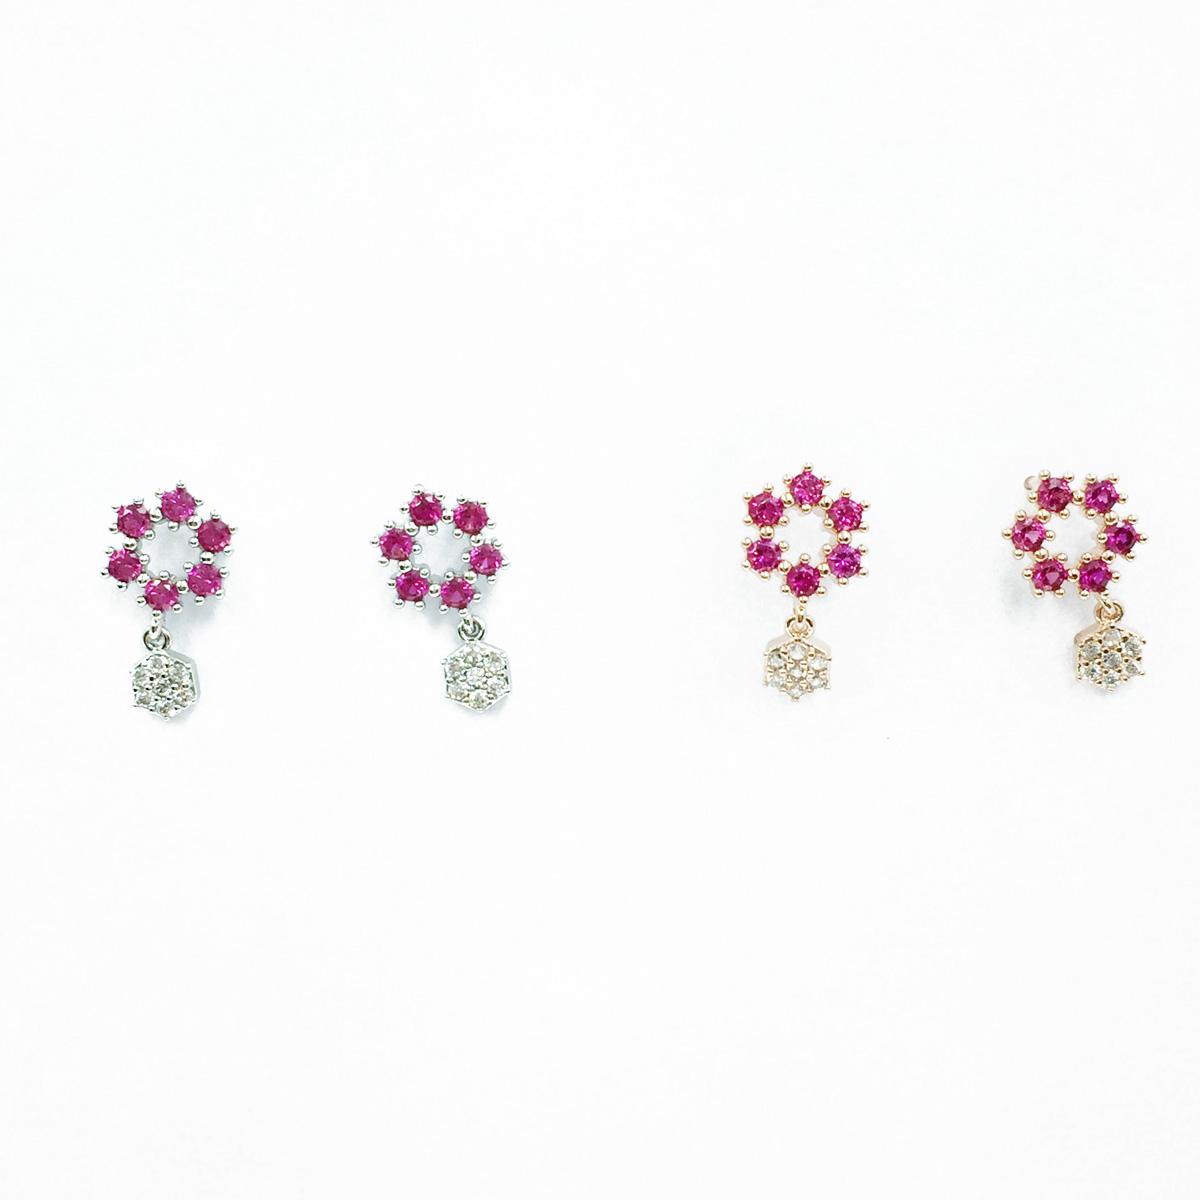 韓國 925純銀 水鑽 六角形 銀 玫瑰金 垂墜感 耳針式耳環